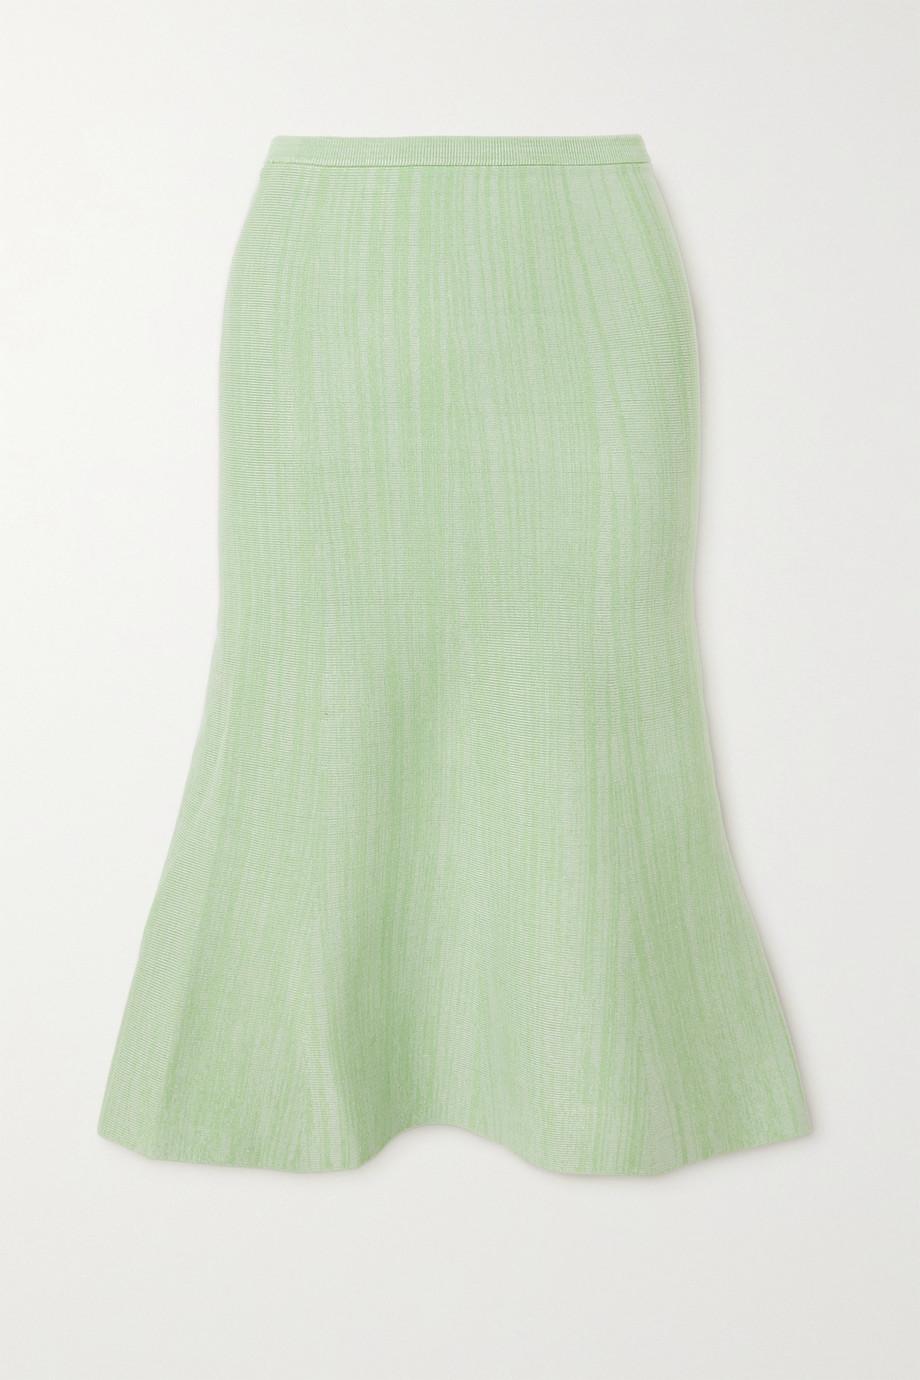 Victoria, Victoria Beckham Fluted mélange ribbed-knit skirt